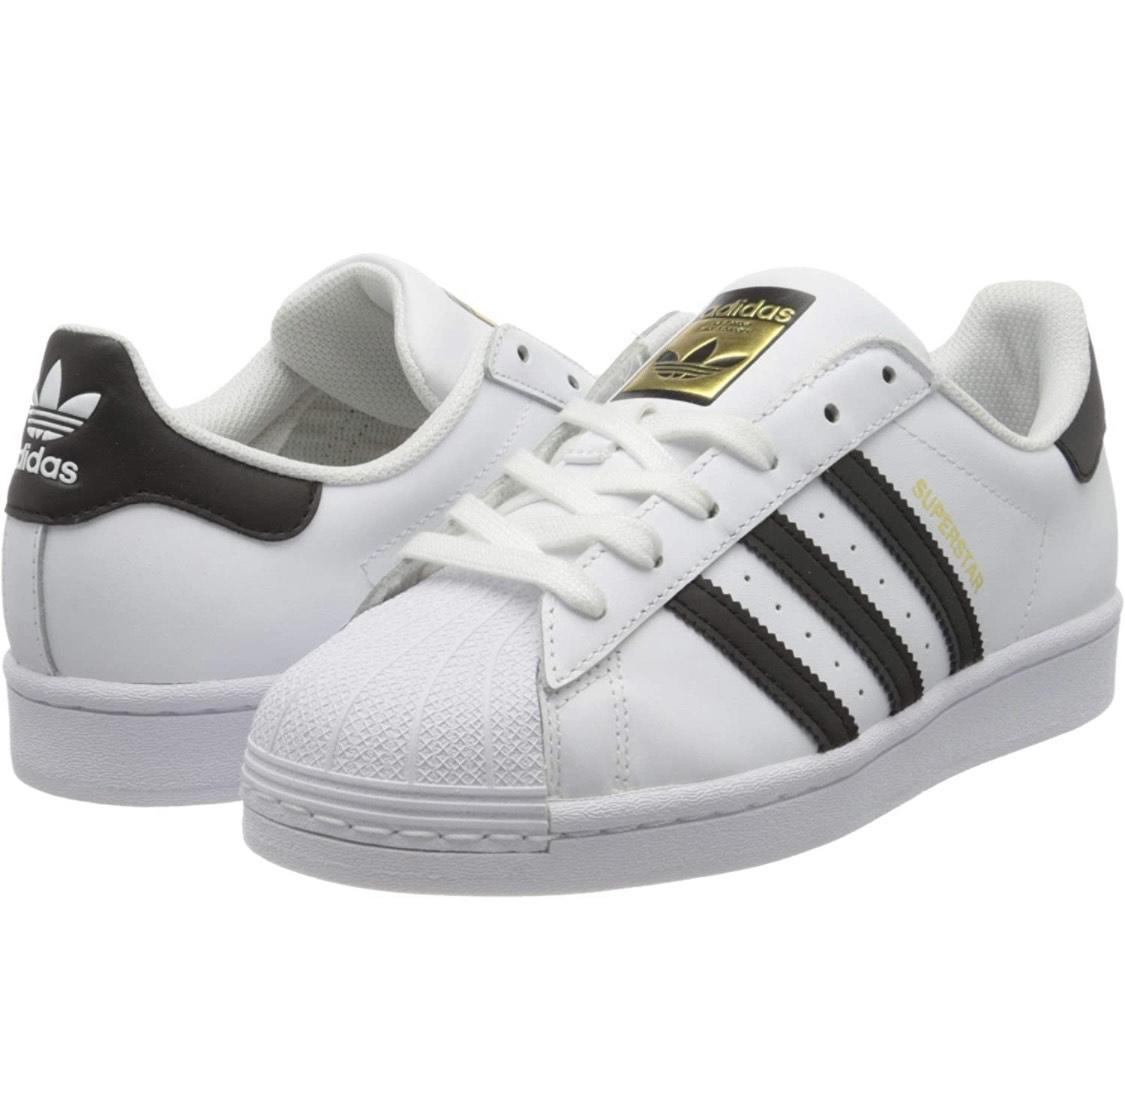 Adidas superstar men's trainers OP = OP